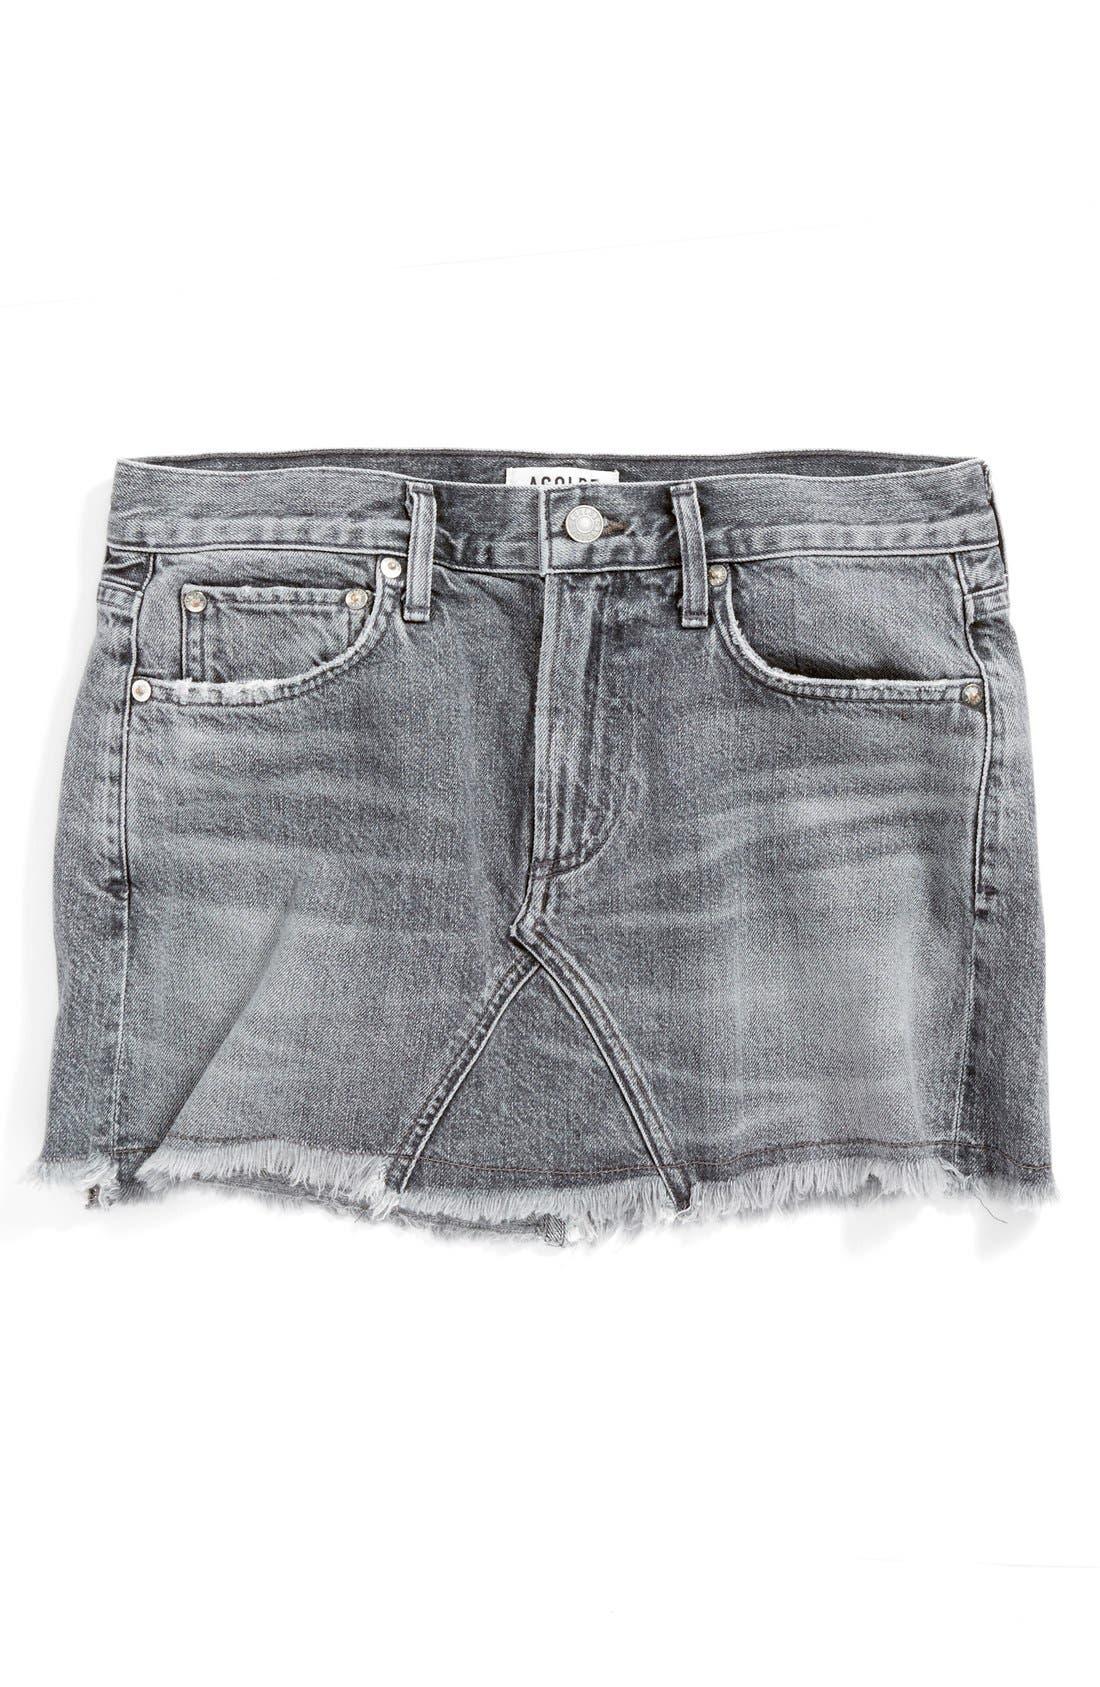 Alternate Image 1 Selected - AGOLDE Jeanette Denim Miniskirt